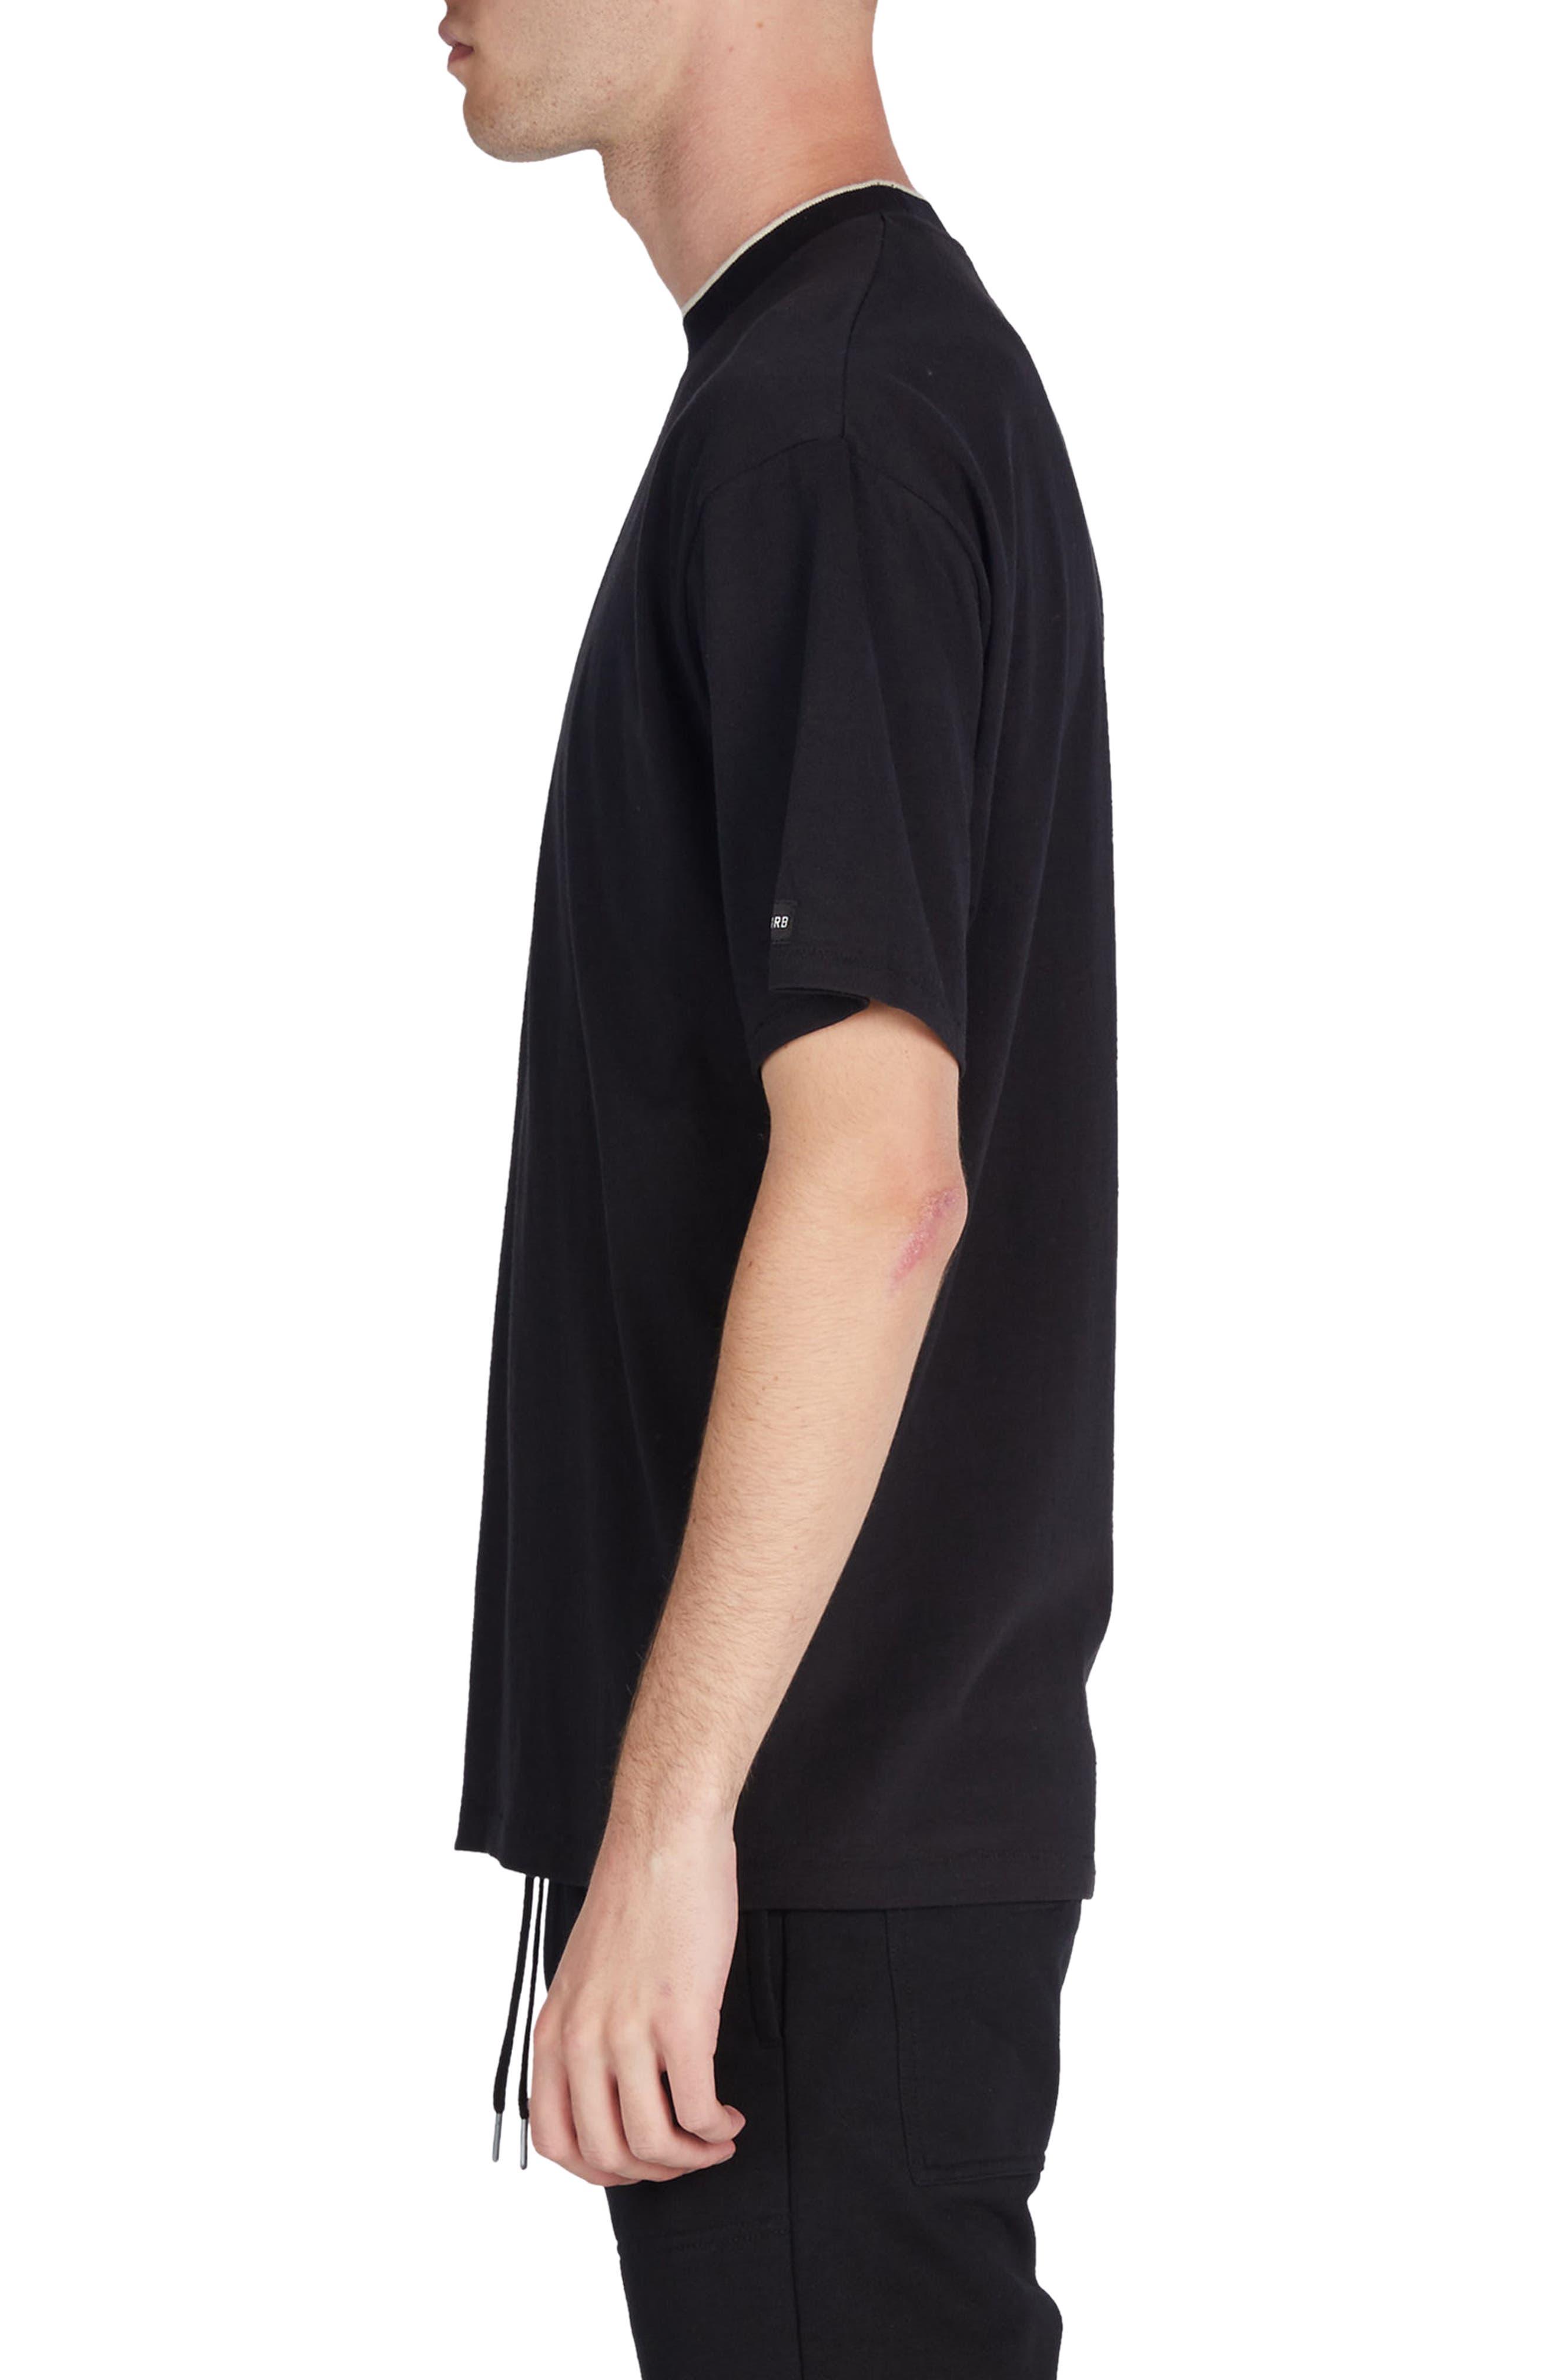 Tip Box T-Shirt,                             Alternate thumbnail 3, color,                             001